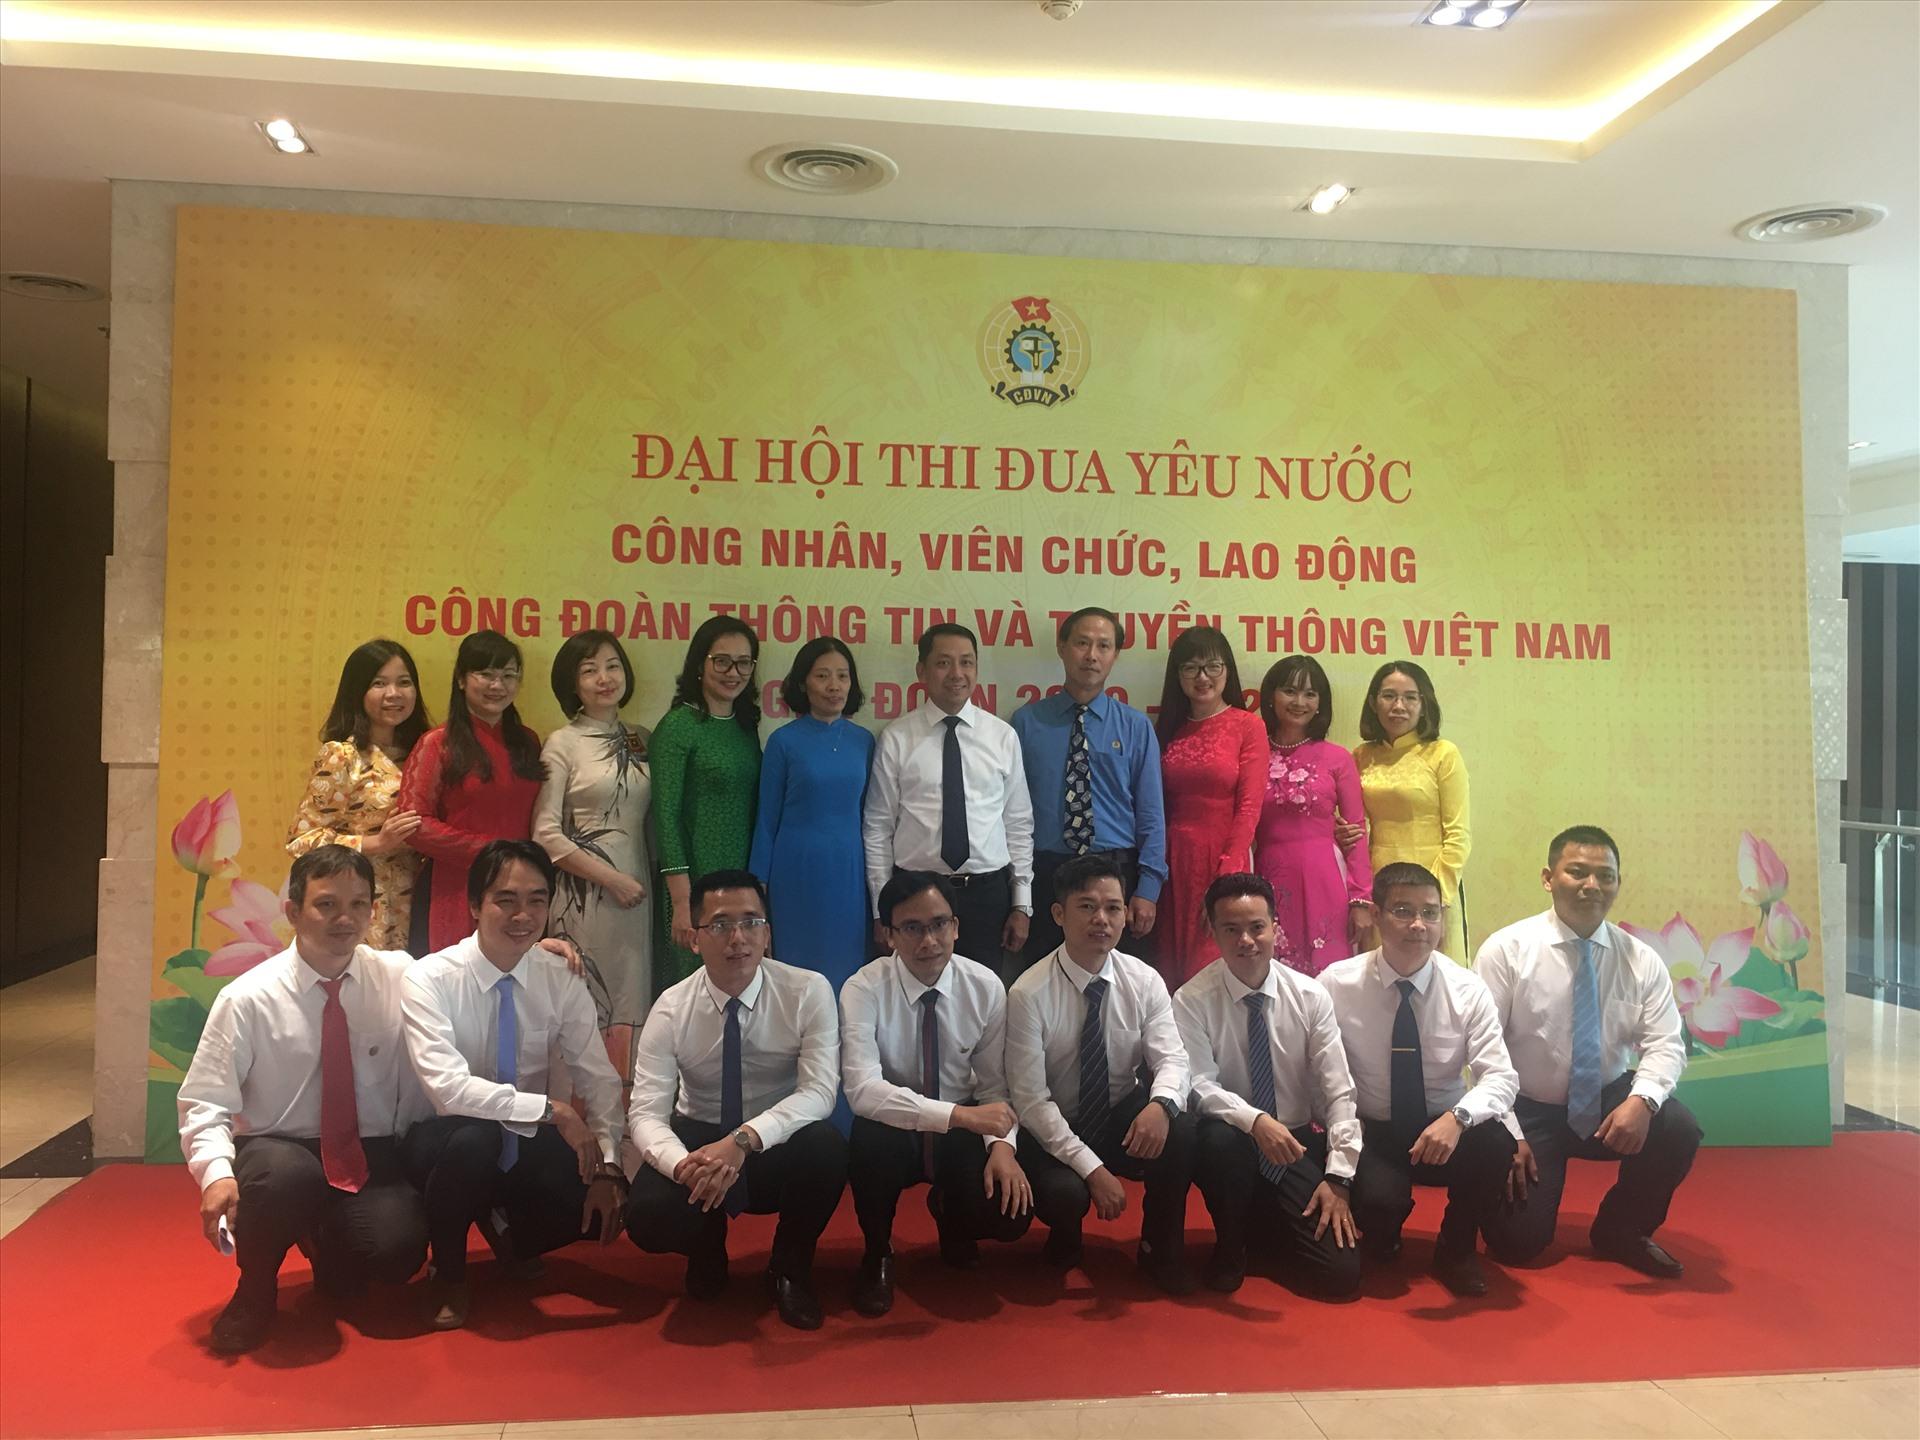 Chủ tịch Công đoàn Thông tin và truyền thông Việt Nam Chu Văn Bình cùng các đại biểu tại Đại hội. Ảnh: Kiều Vũ